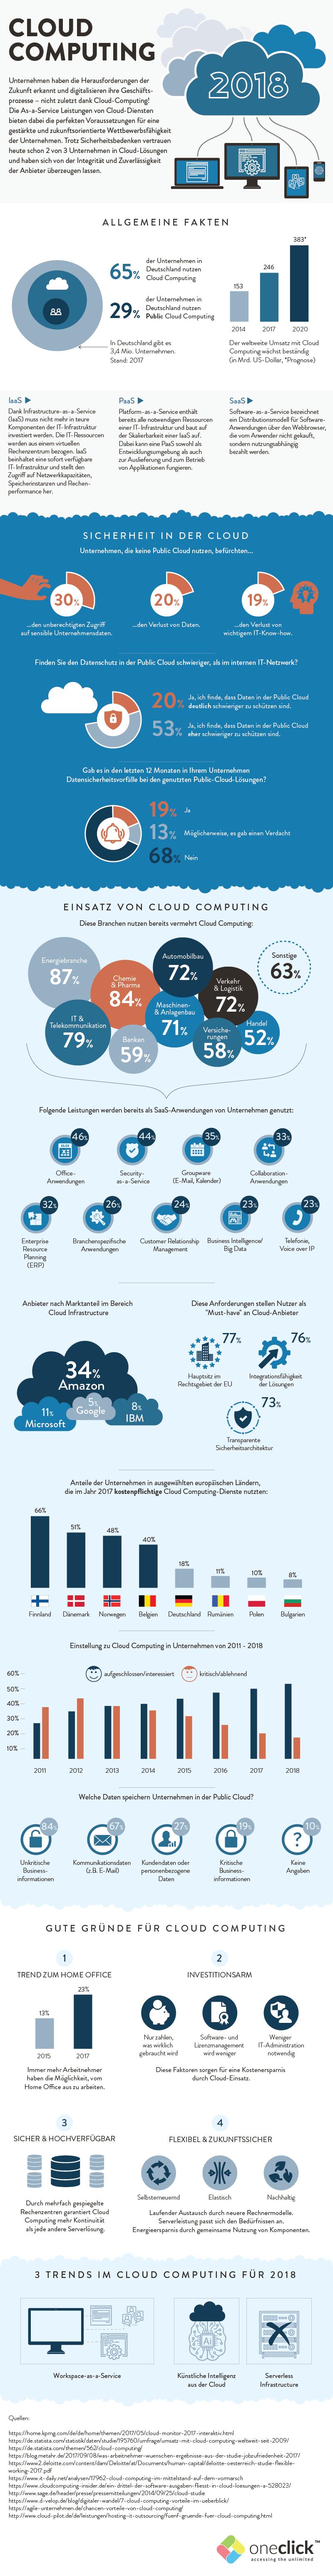 Cloud Computing 2018 aus unternehmerischer Sicht